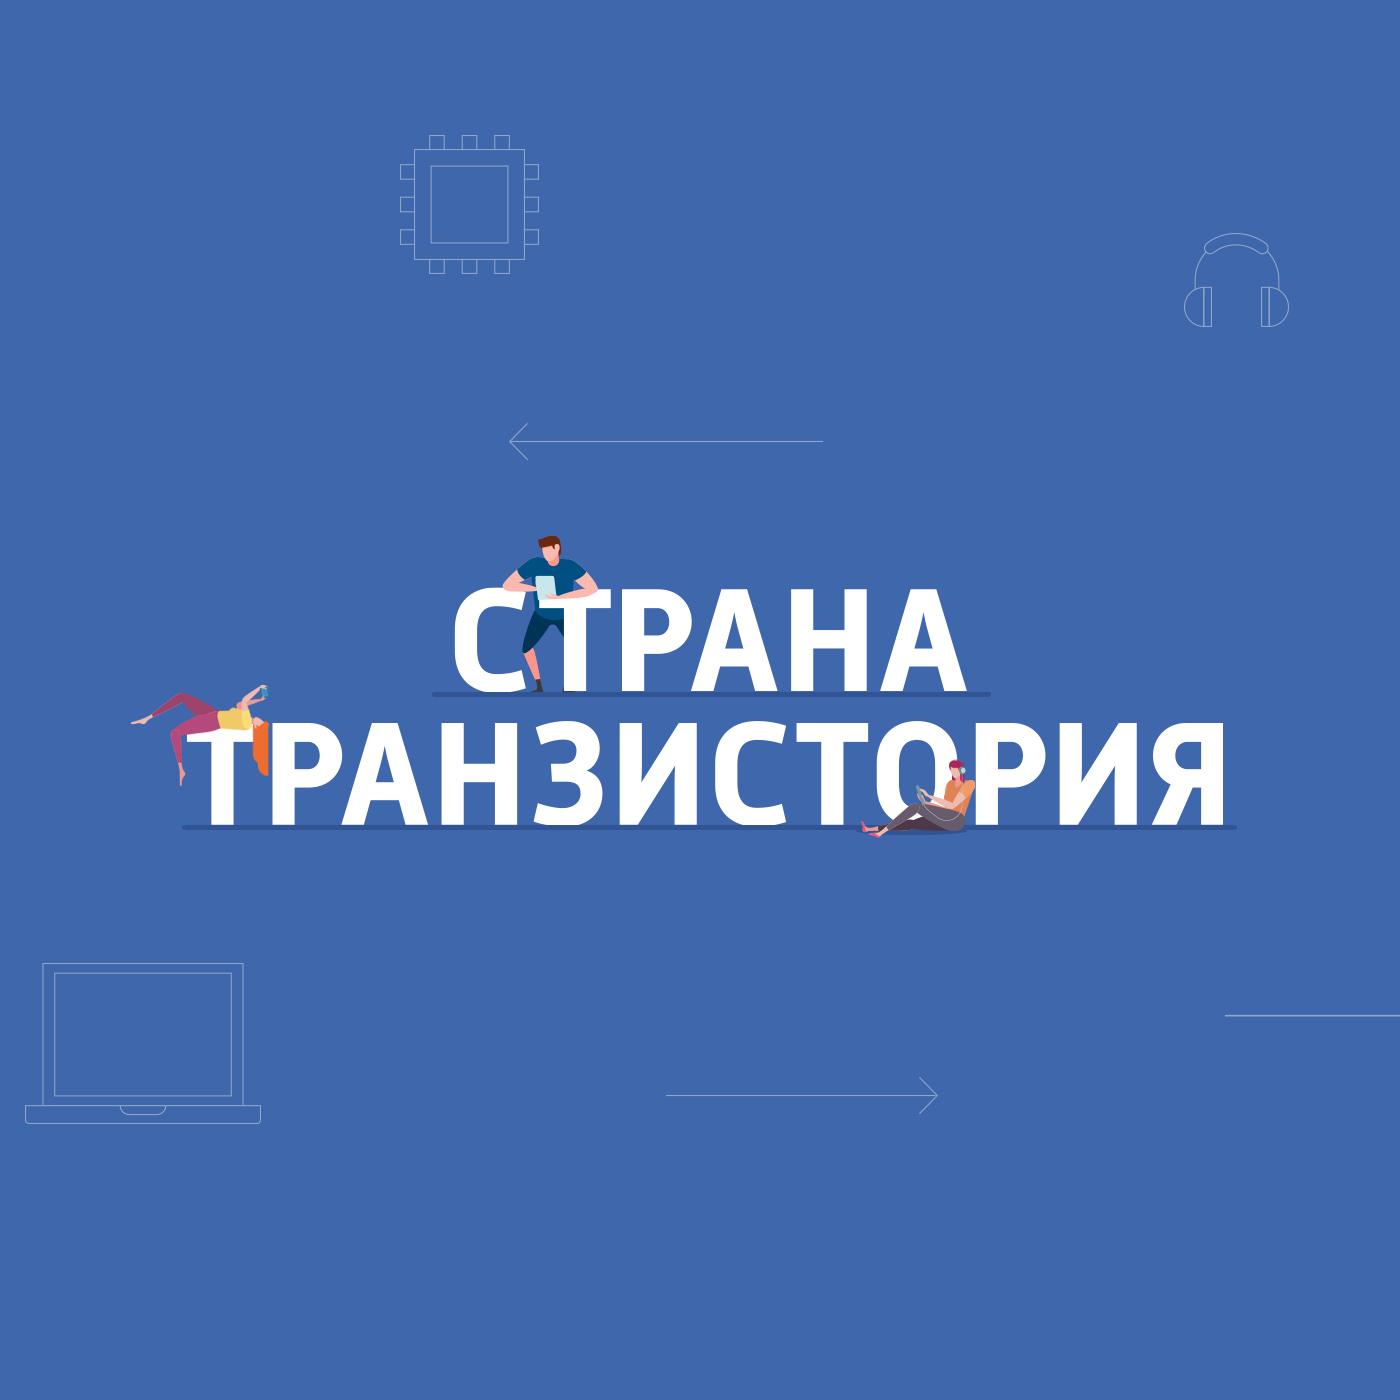 Картаев Павел Какой смартфон купить маме? купить топикрем